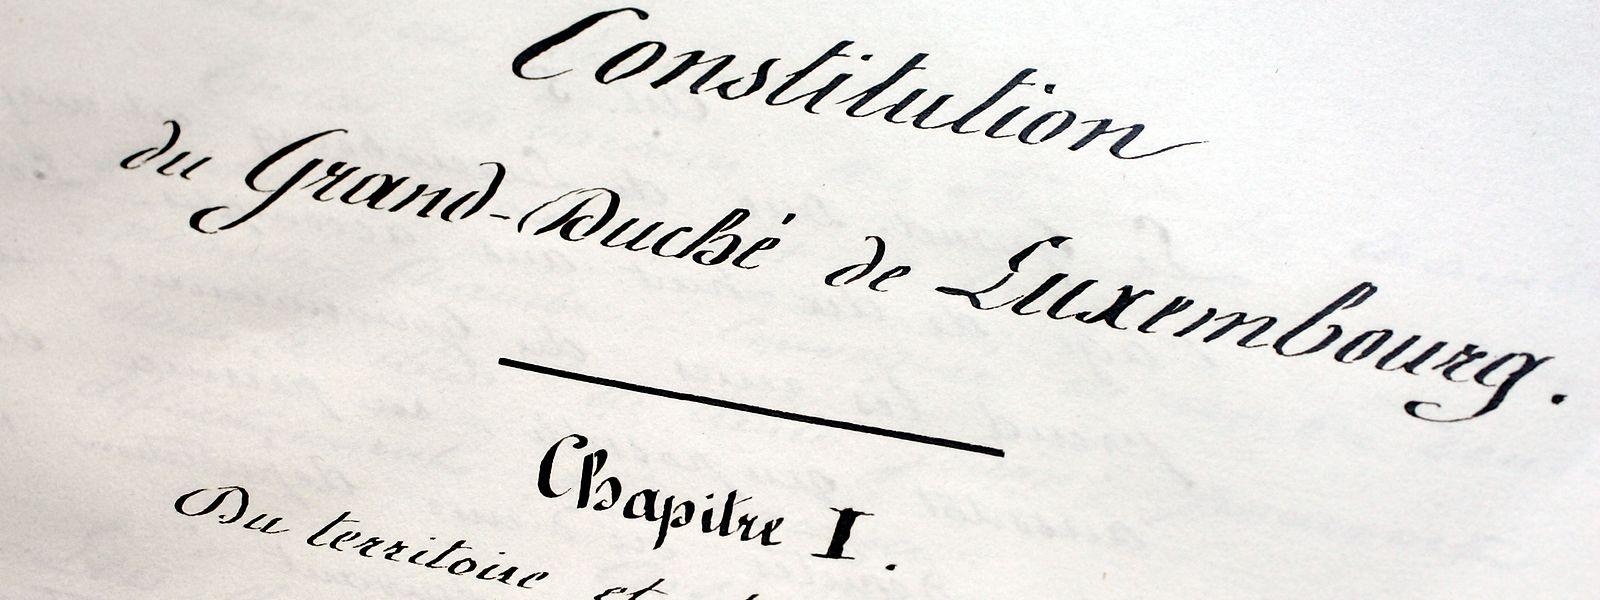 La volte-face du CSV sur la réforme de la Constitution se trouve au coeur des critiques sur l'indépendance de la Justice par le Greco.